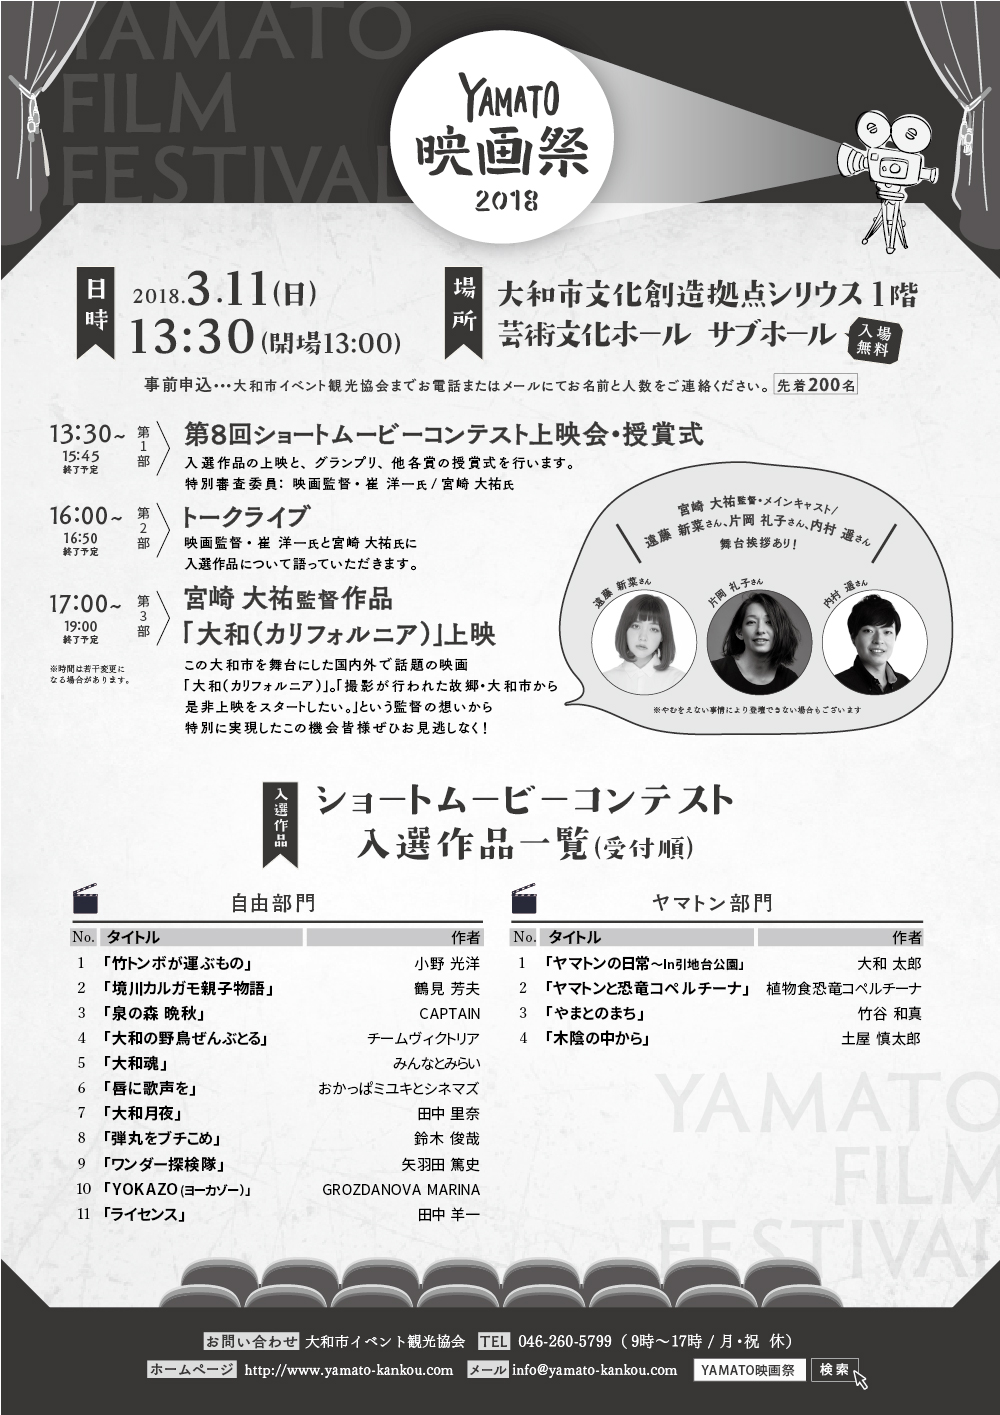 YAMATO映画祭2018_A4チラシ_ウラ0208_2